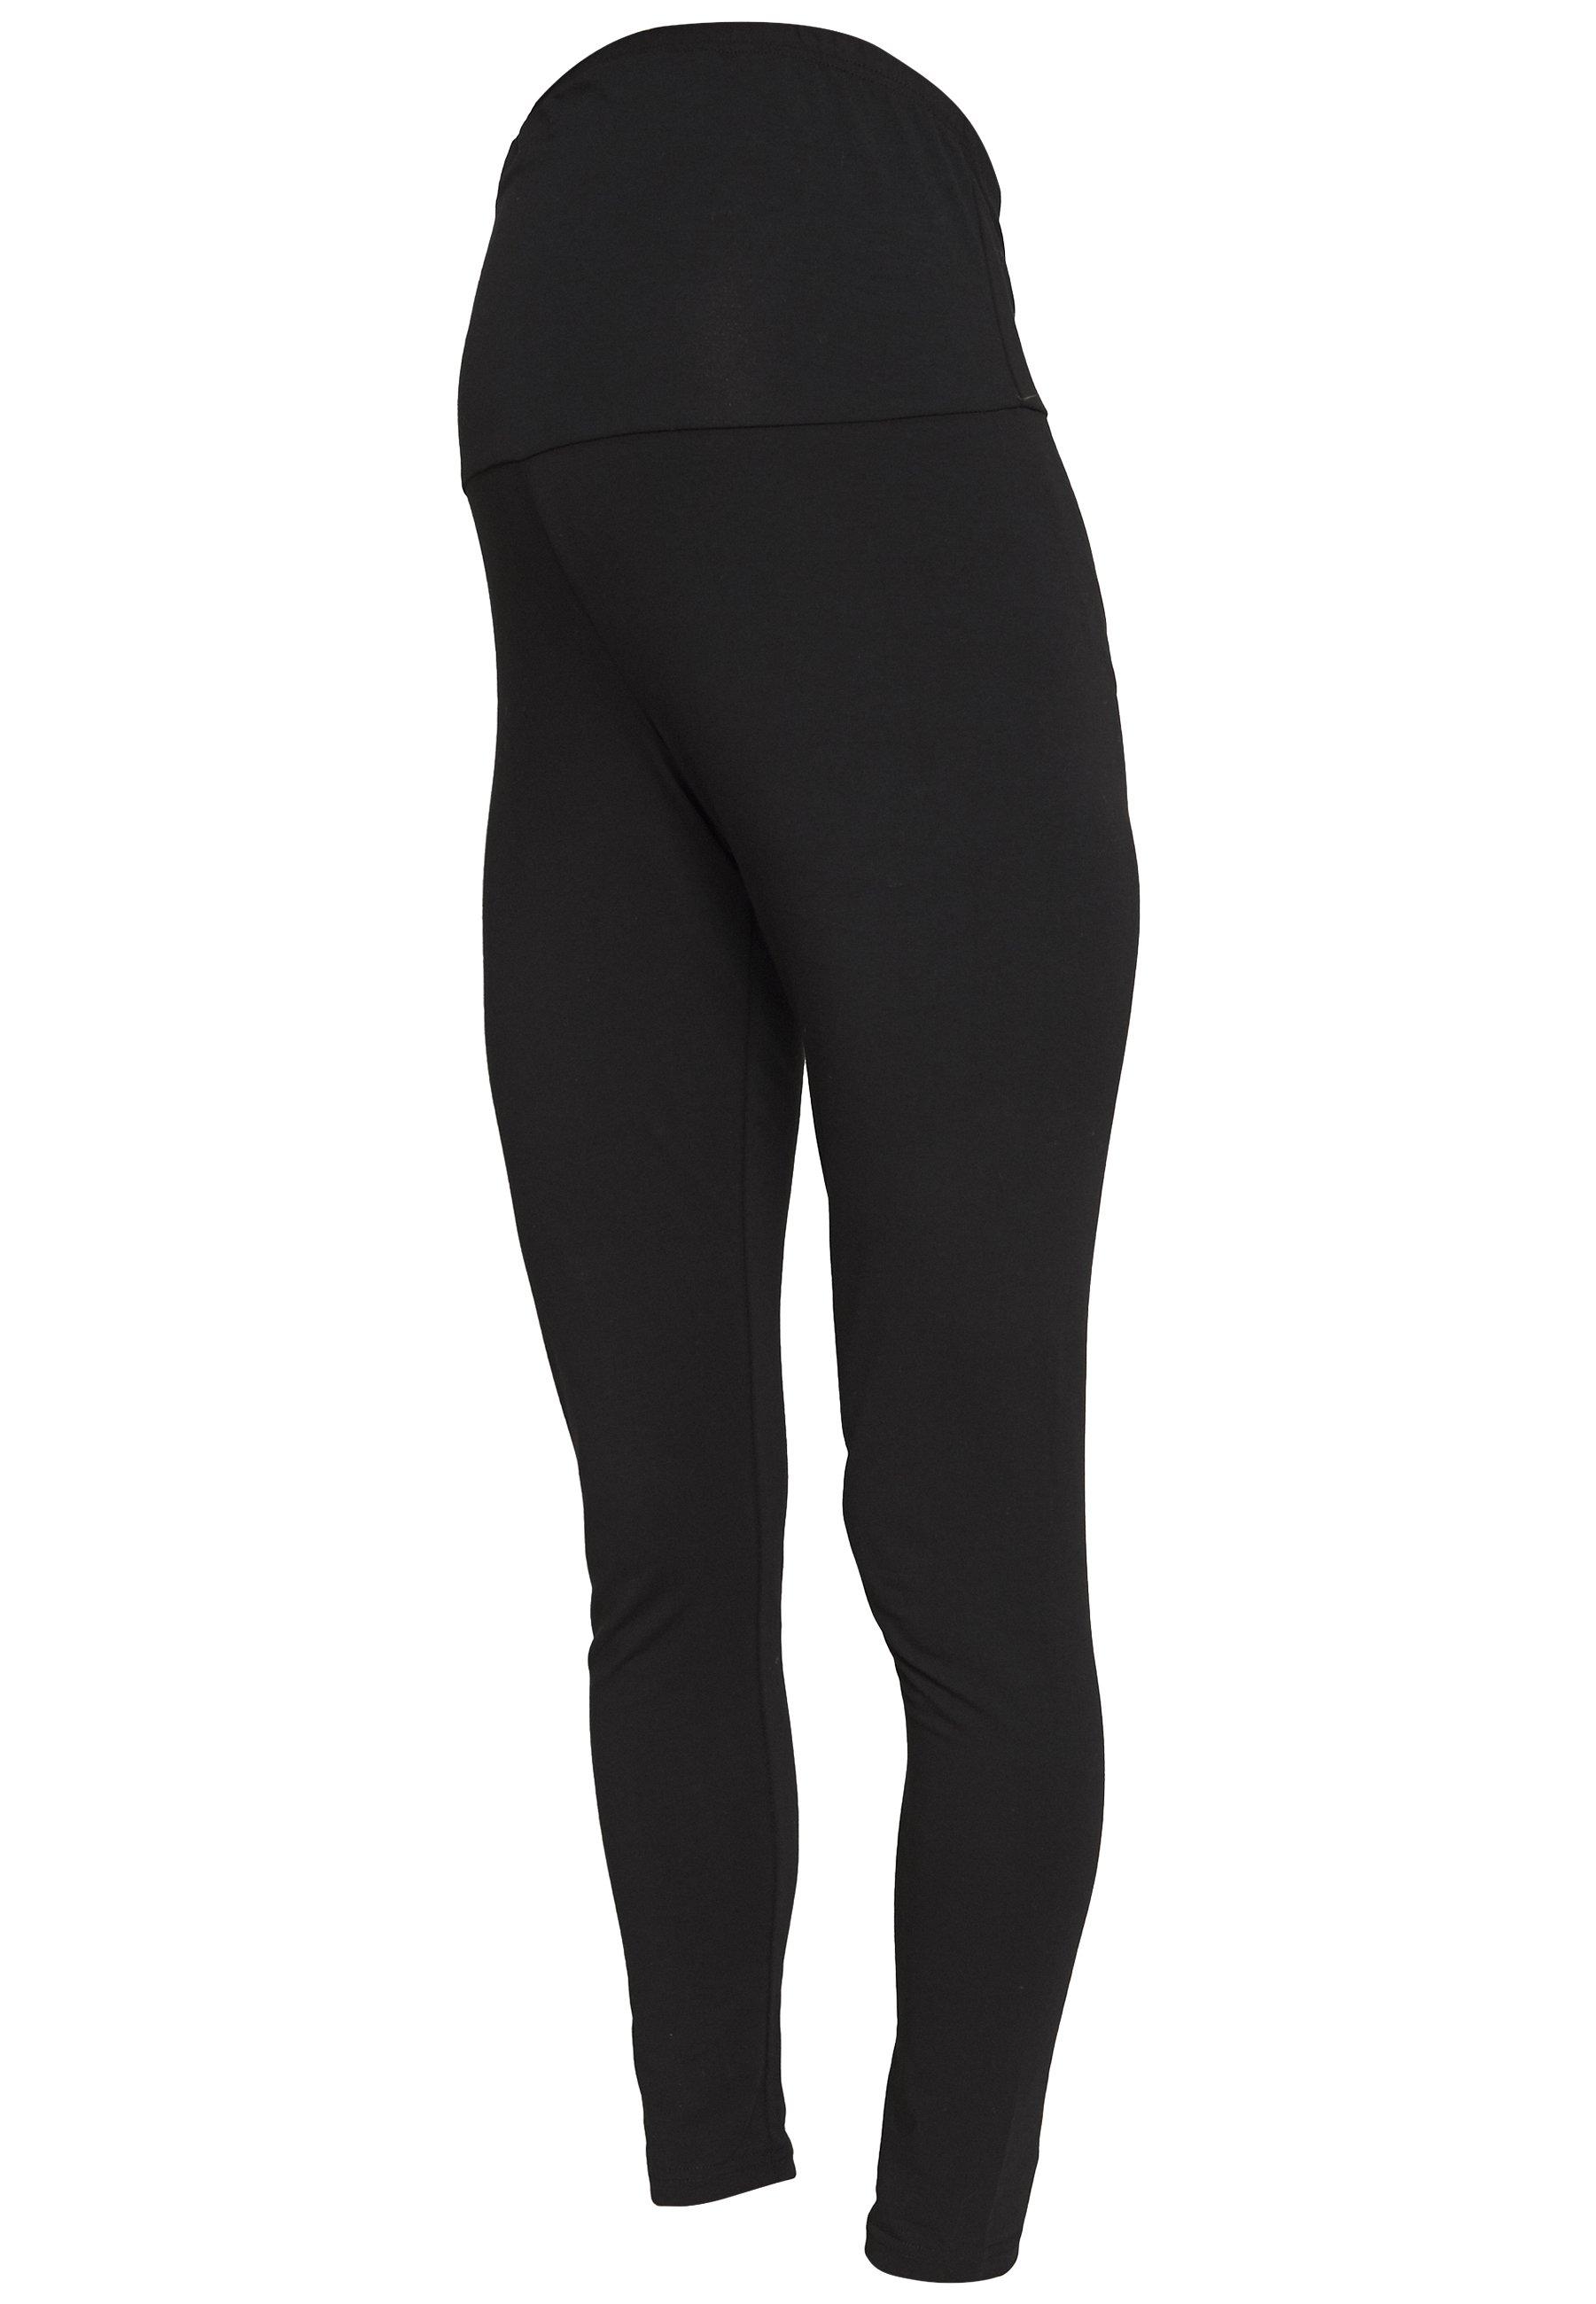 Damen MATERNITY  - Leggings - Hosen